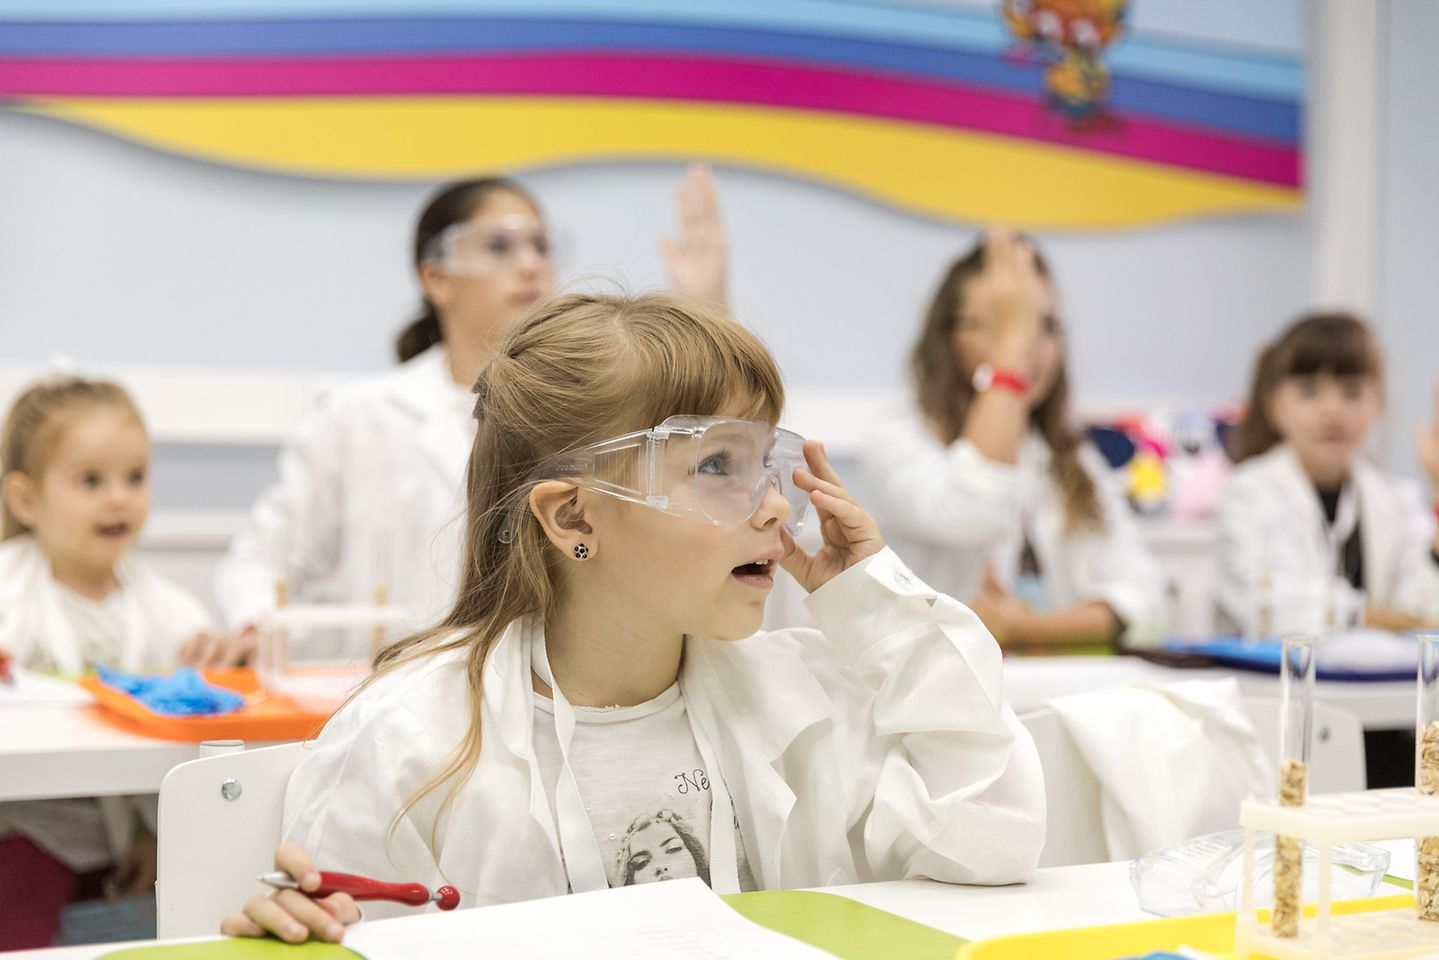 Юные исследователи проводят свои первые научные эксперименты